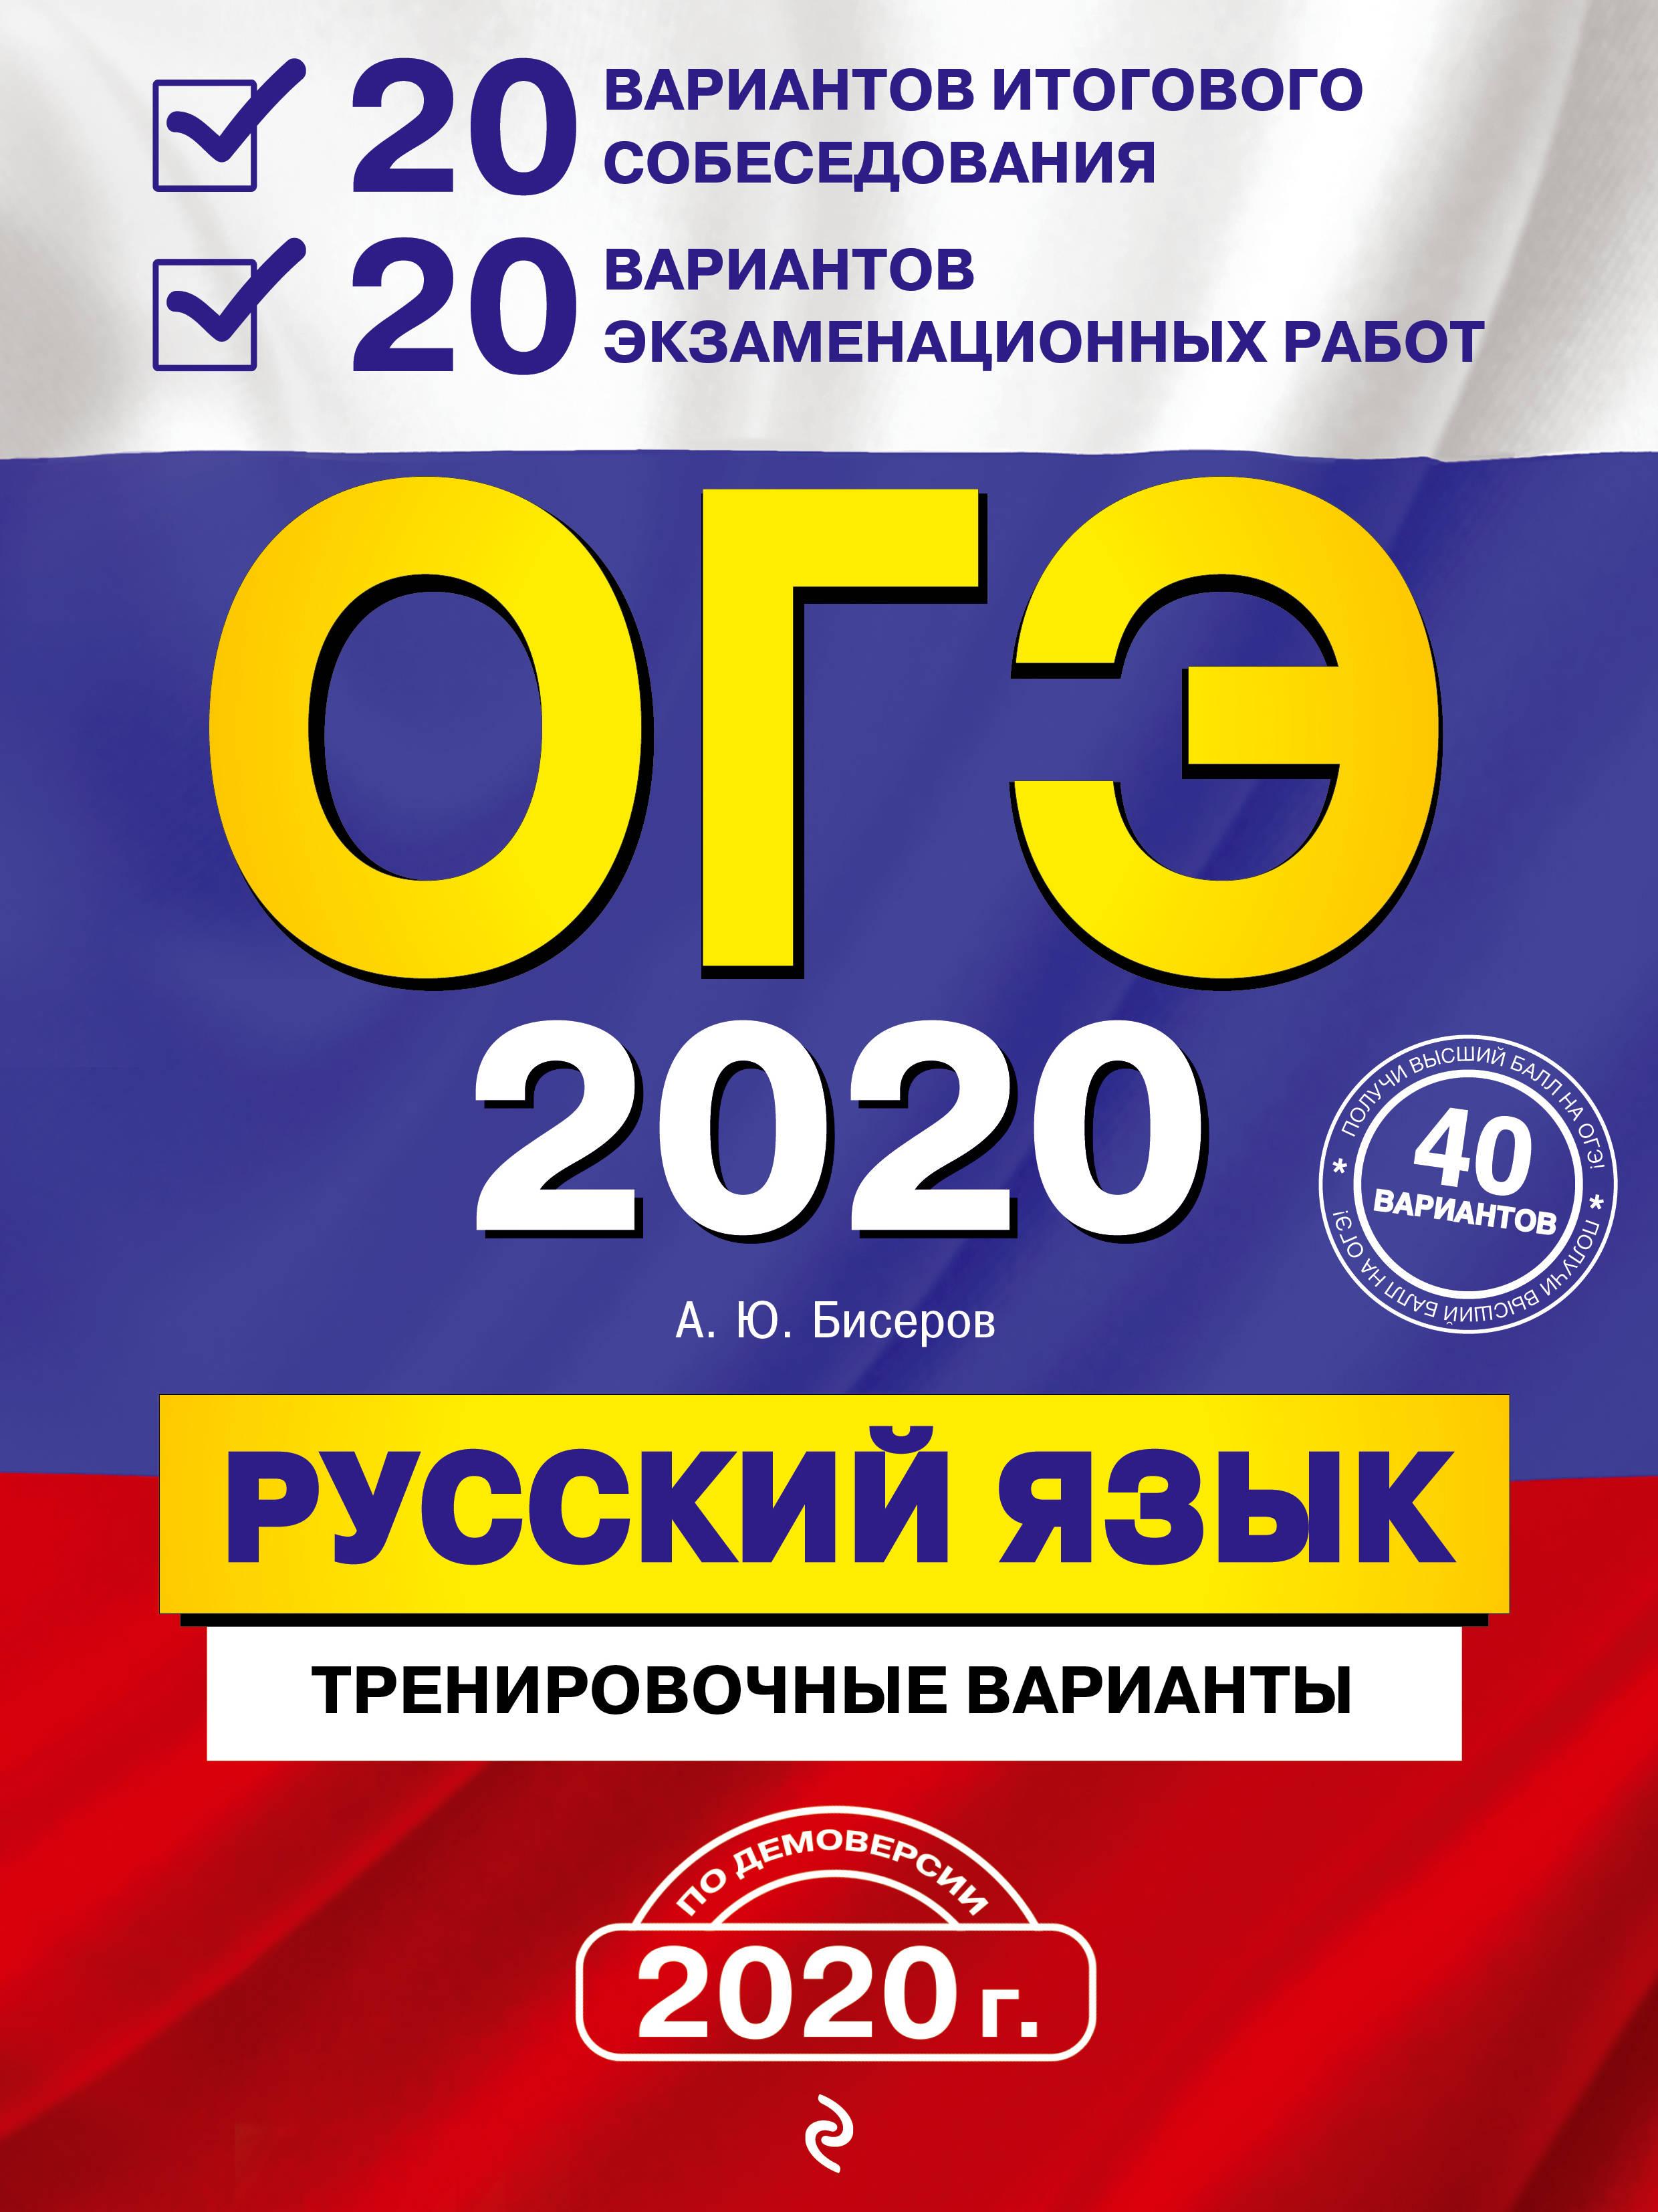 OGE-2020. Russkij jazyk. 20 variantov itogovogo sobesedovanija + 20 variantov ekzamenatsionnykh rabot.